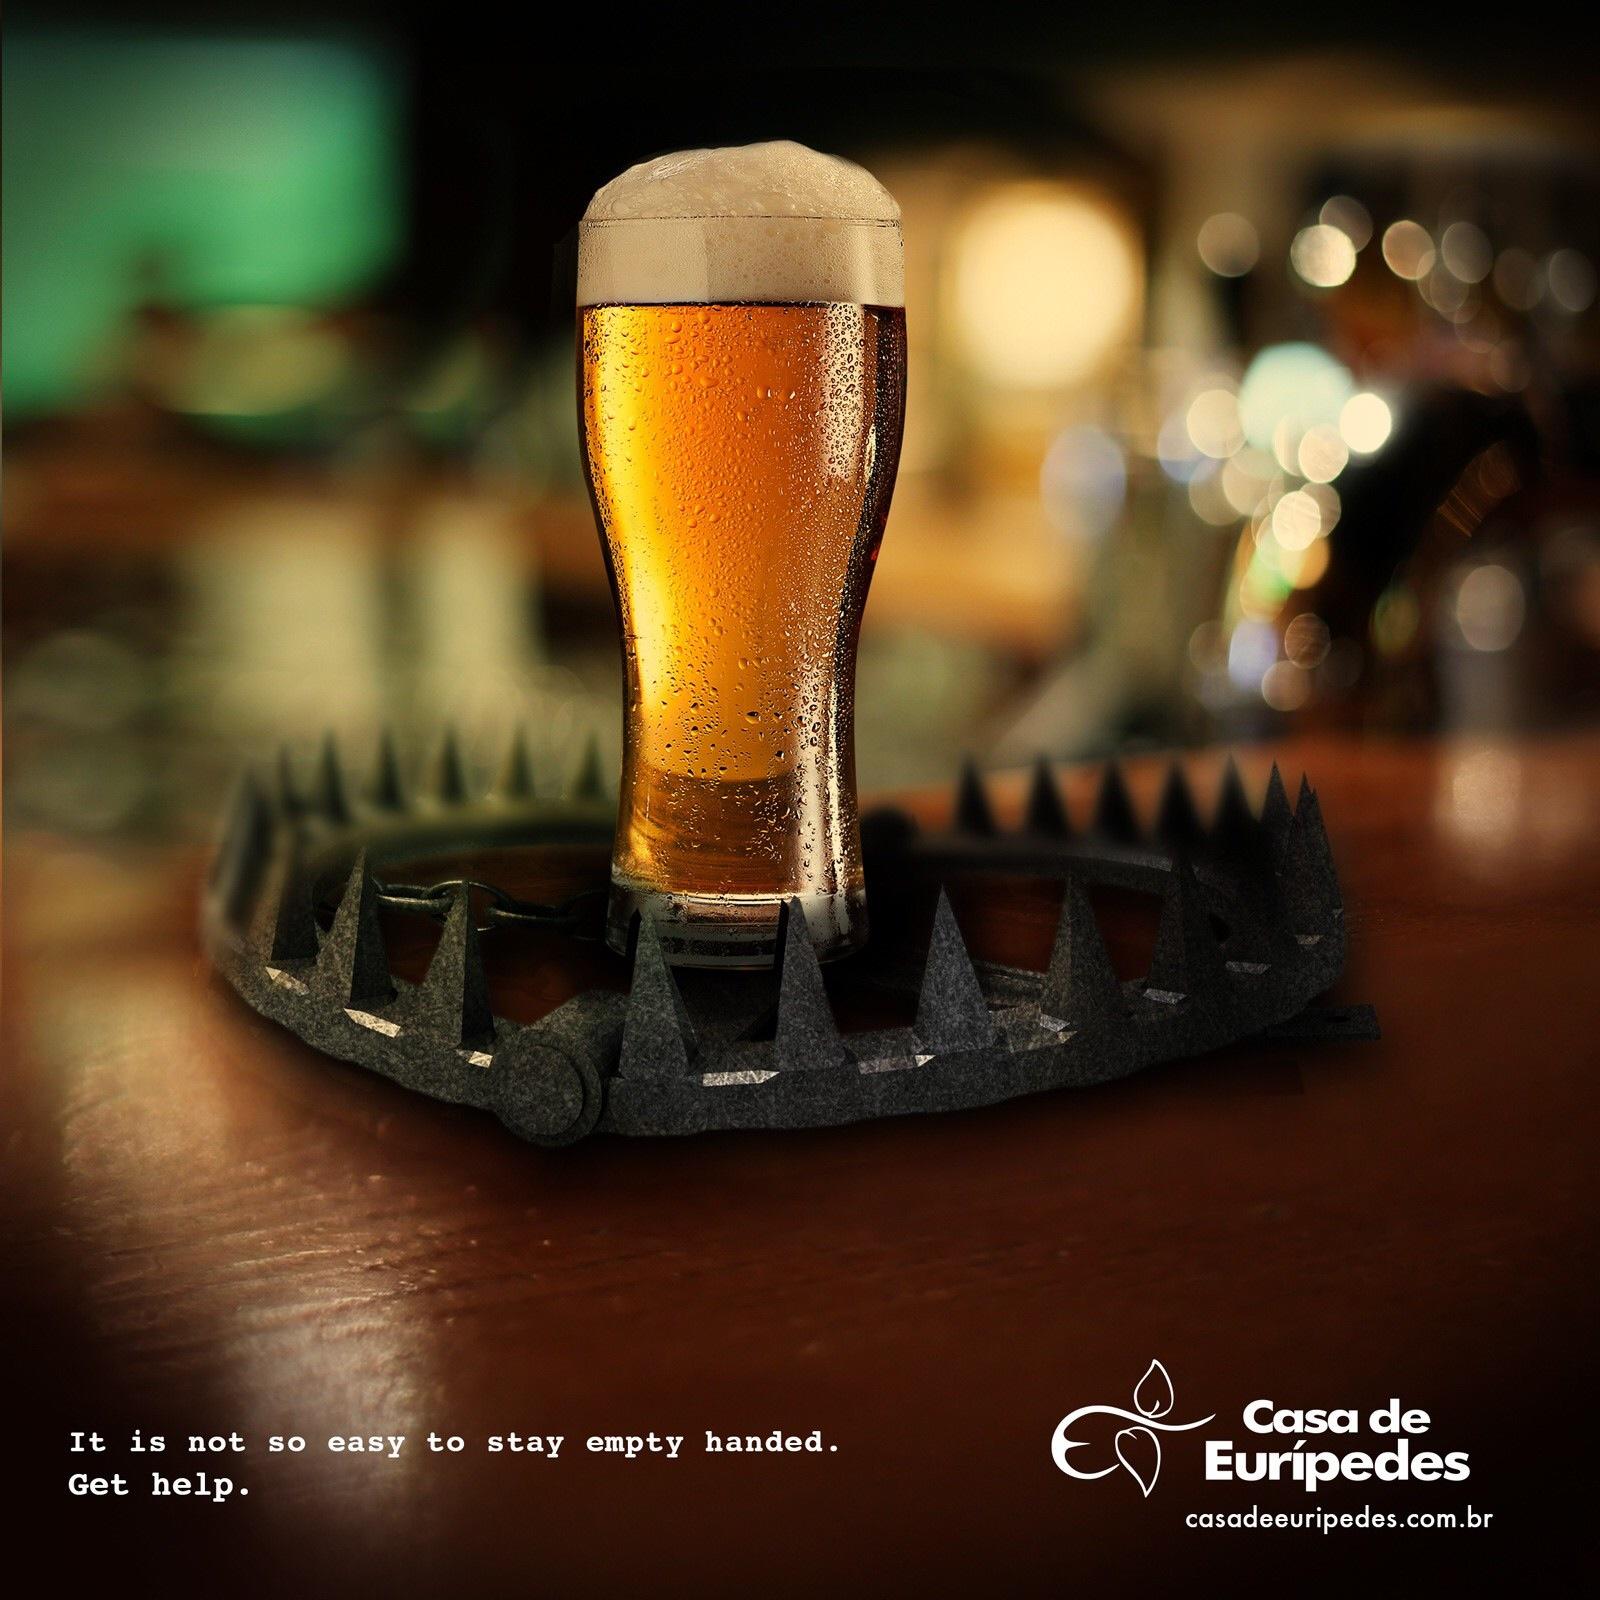 康复中心戒酒广告:带刺的危险